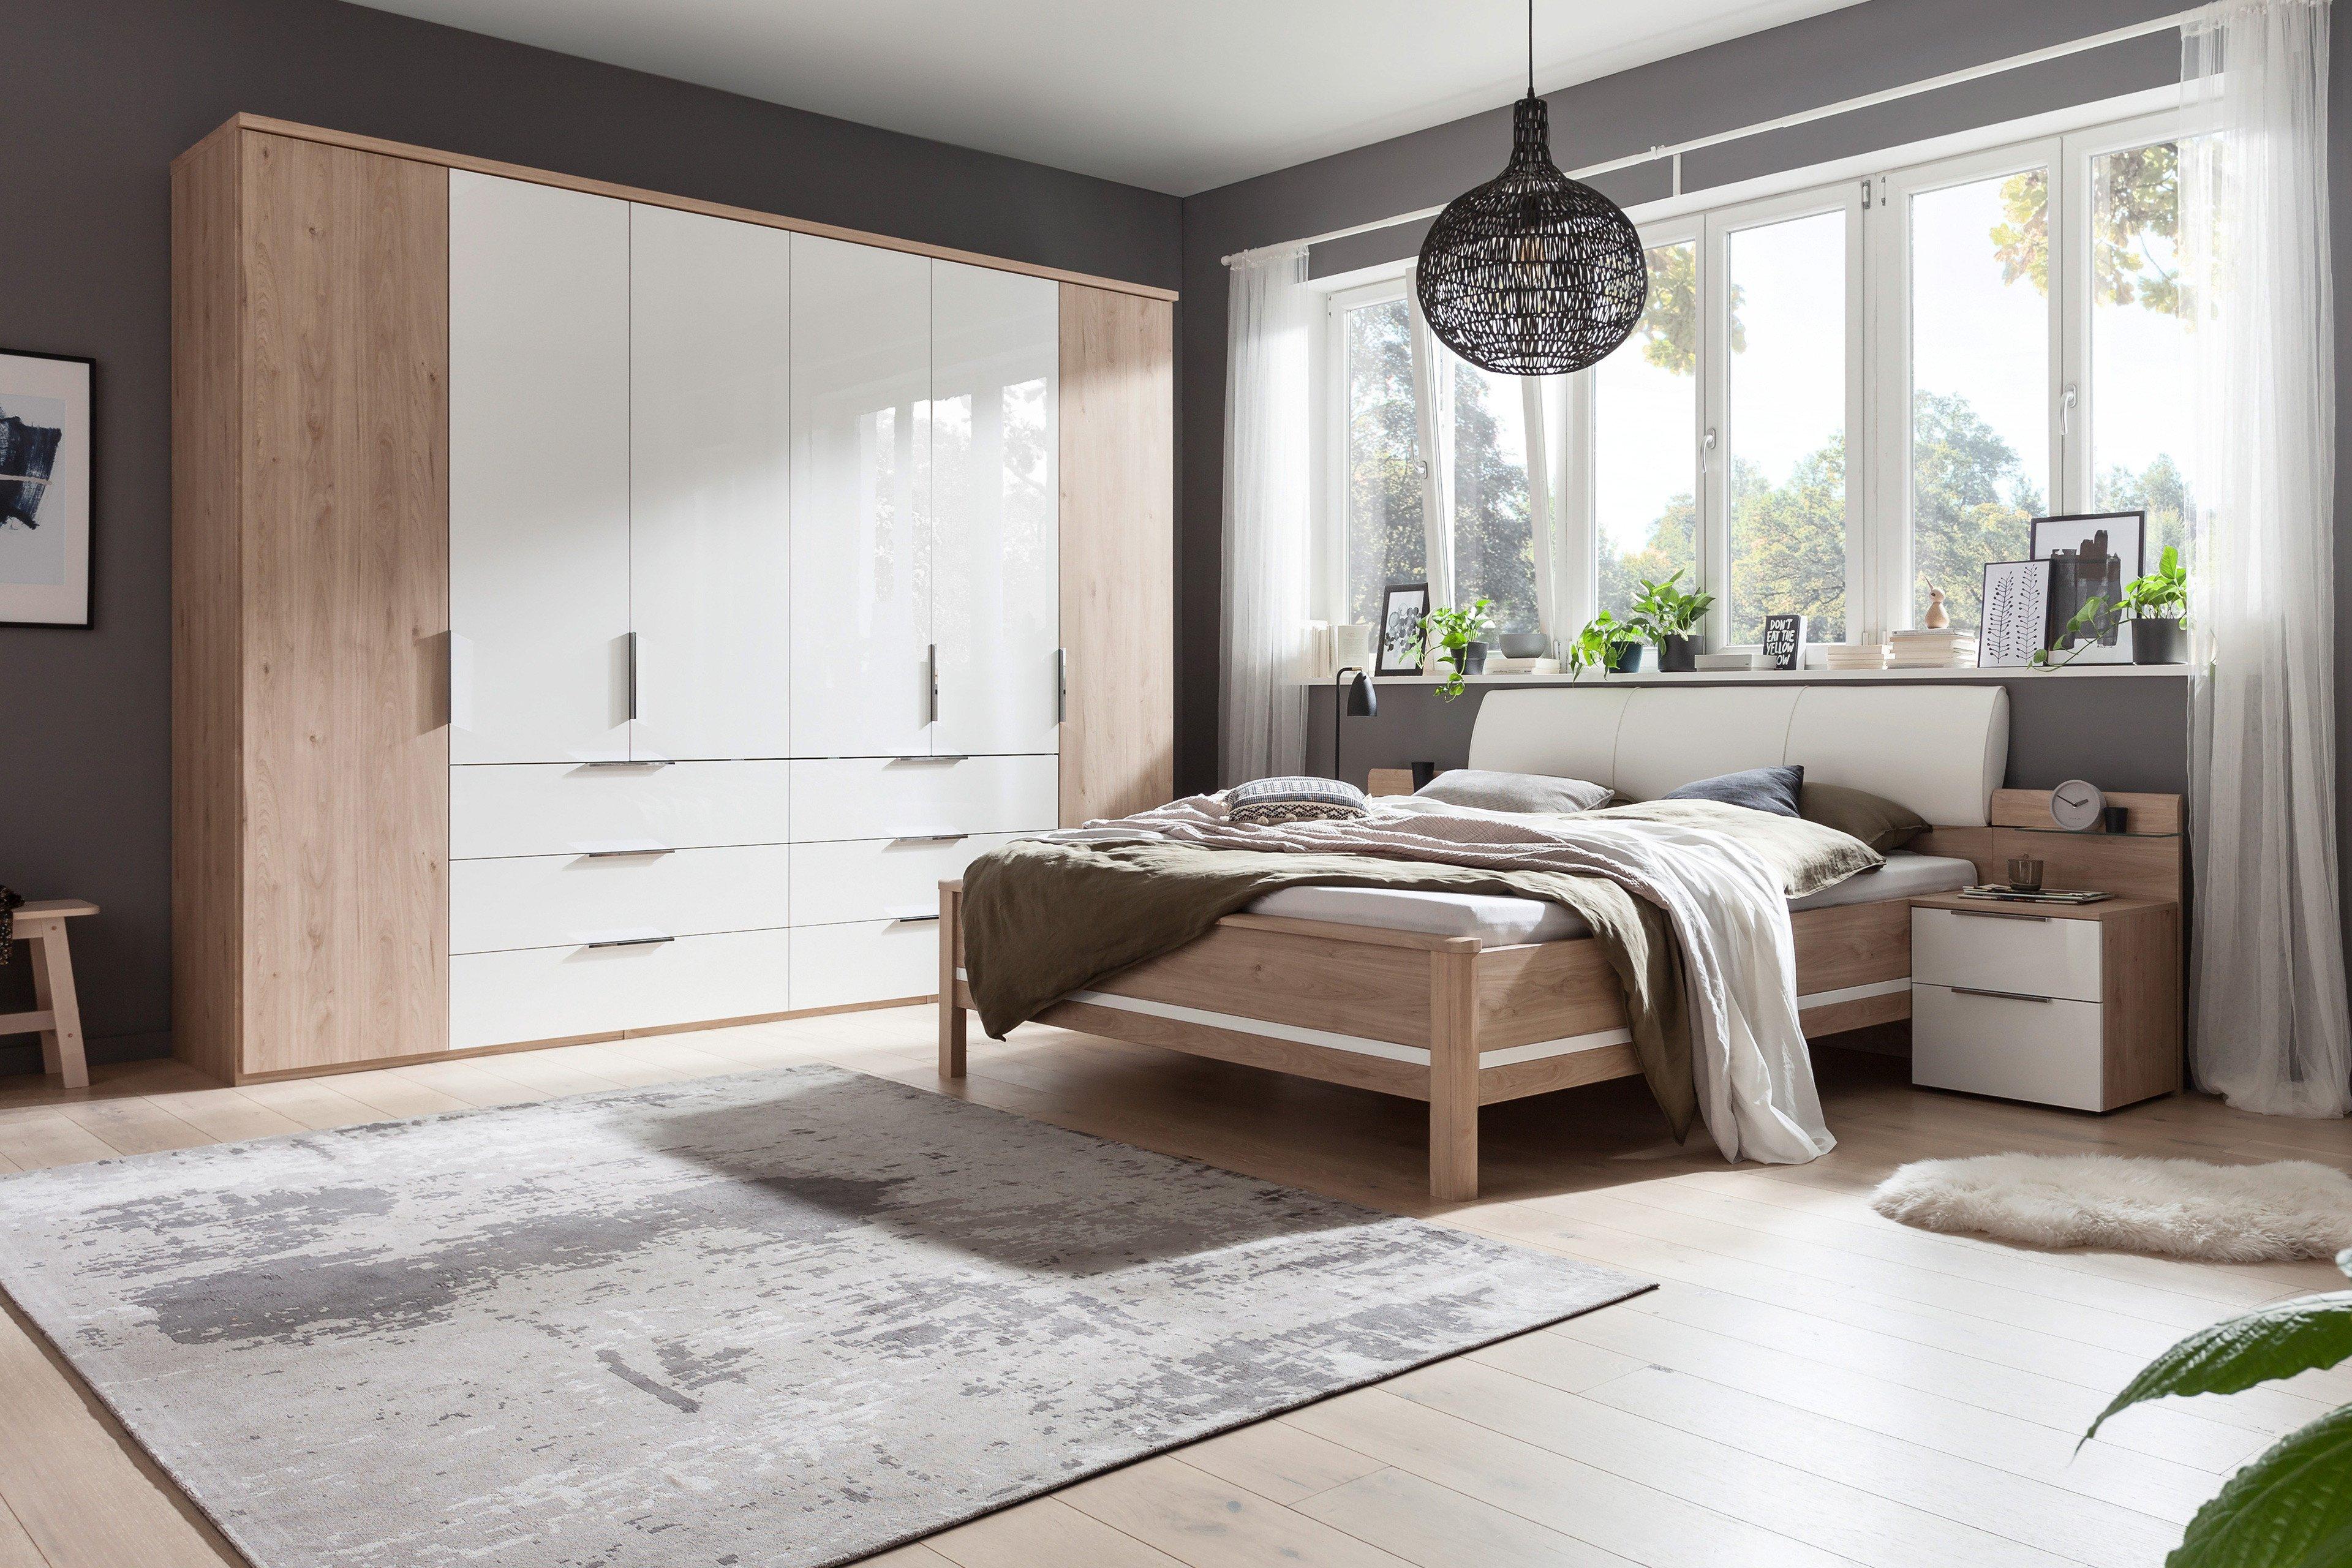 Nolte Schlafzimmer Horizont 21 & concept me   Möbel Letz   Ihr ...